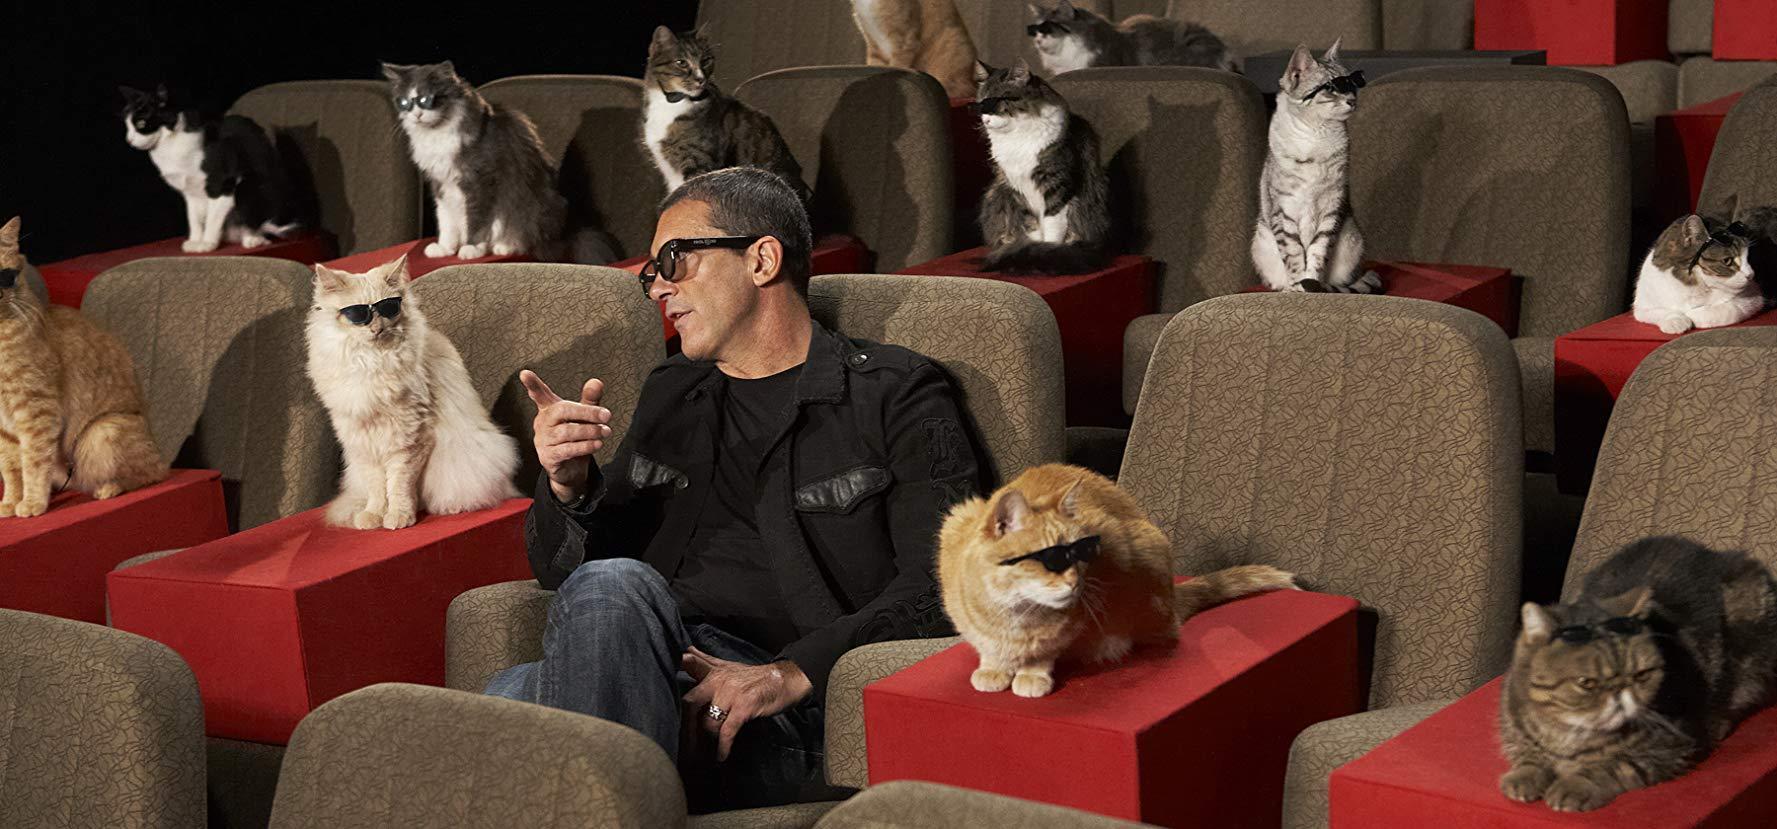 Жителей Твери приглашают посмотреть кино в компании котиков